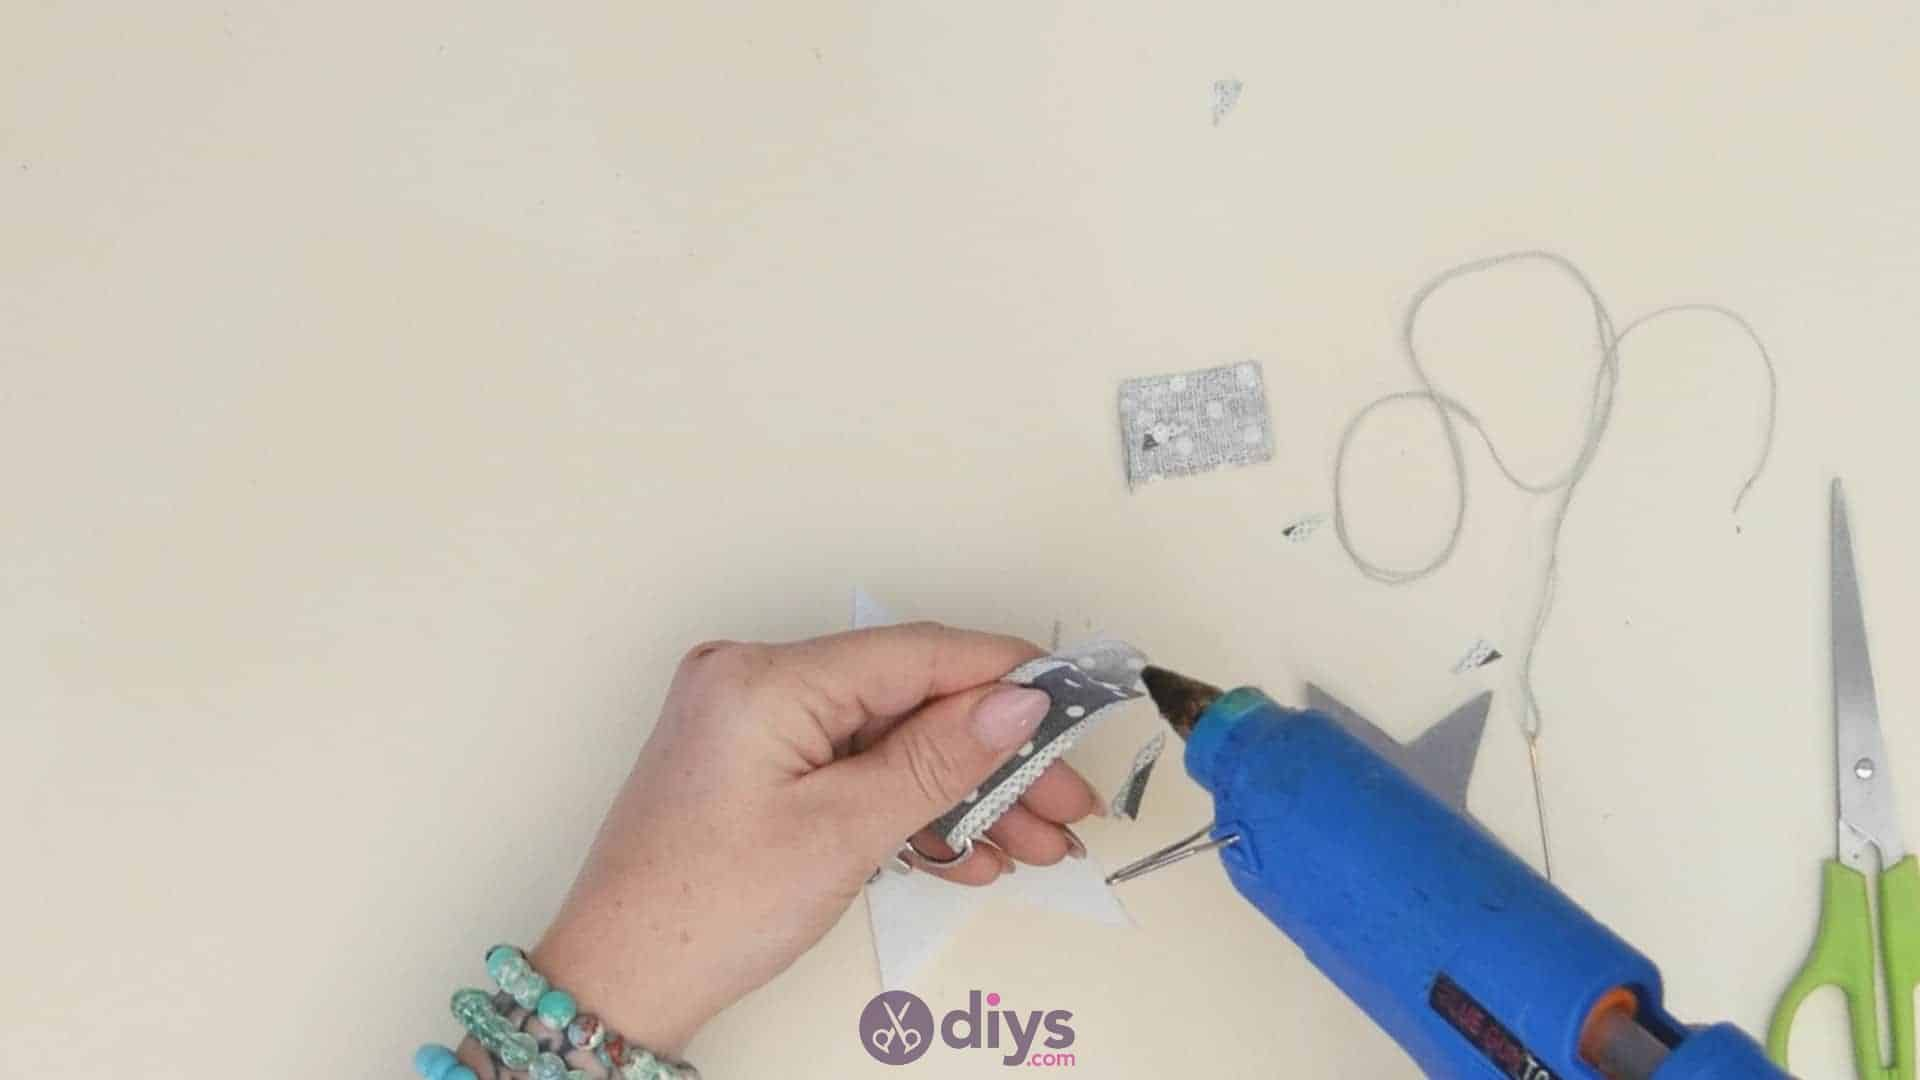 Diy felt star keyholder step 4c